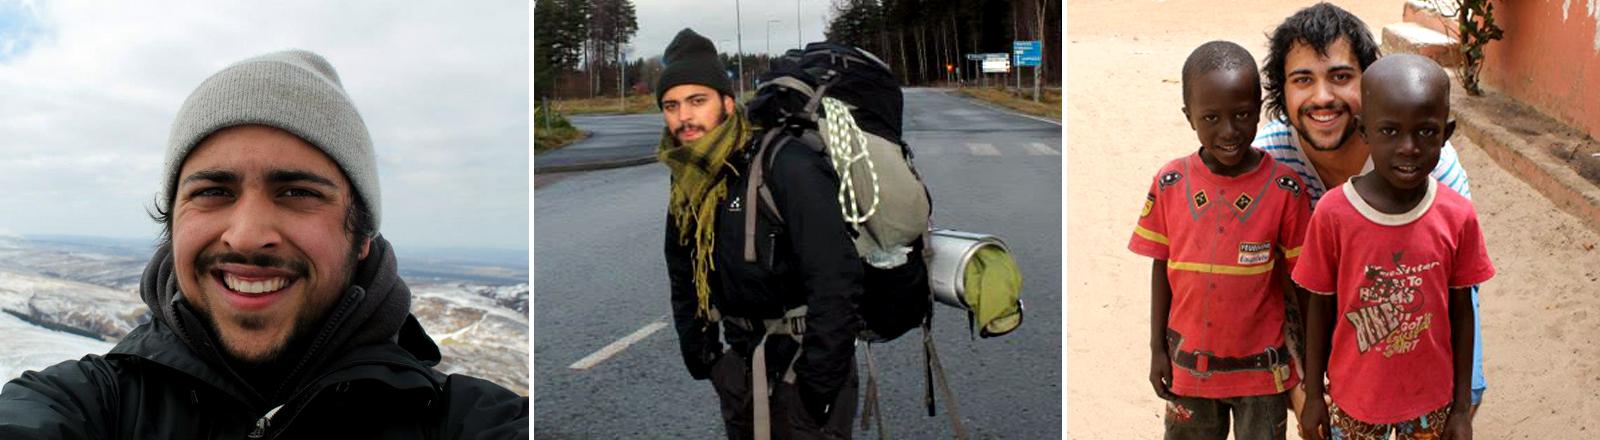 Mitch Miller vor Alpenpanorama, mit vollem Gepäck und mit zwei Kindern in der Türkei